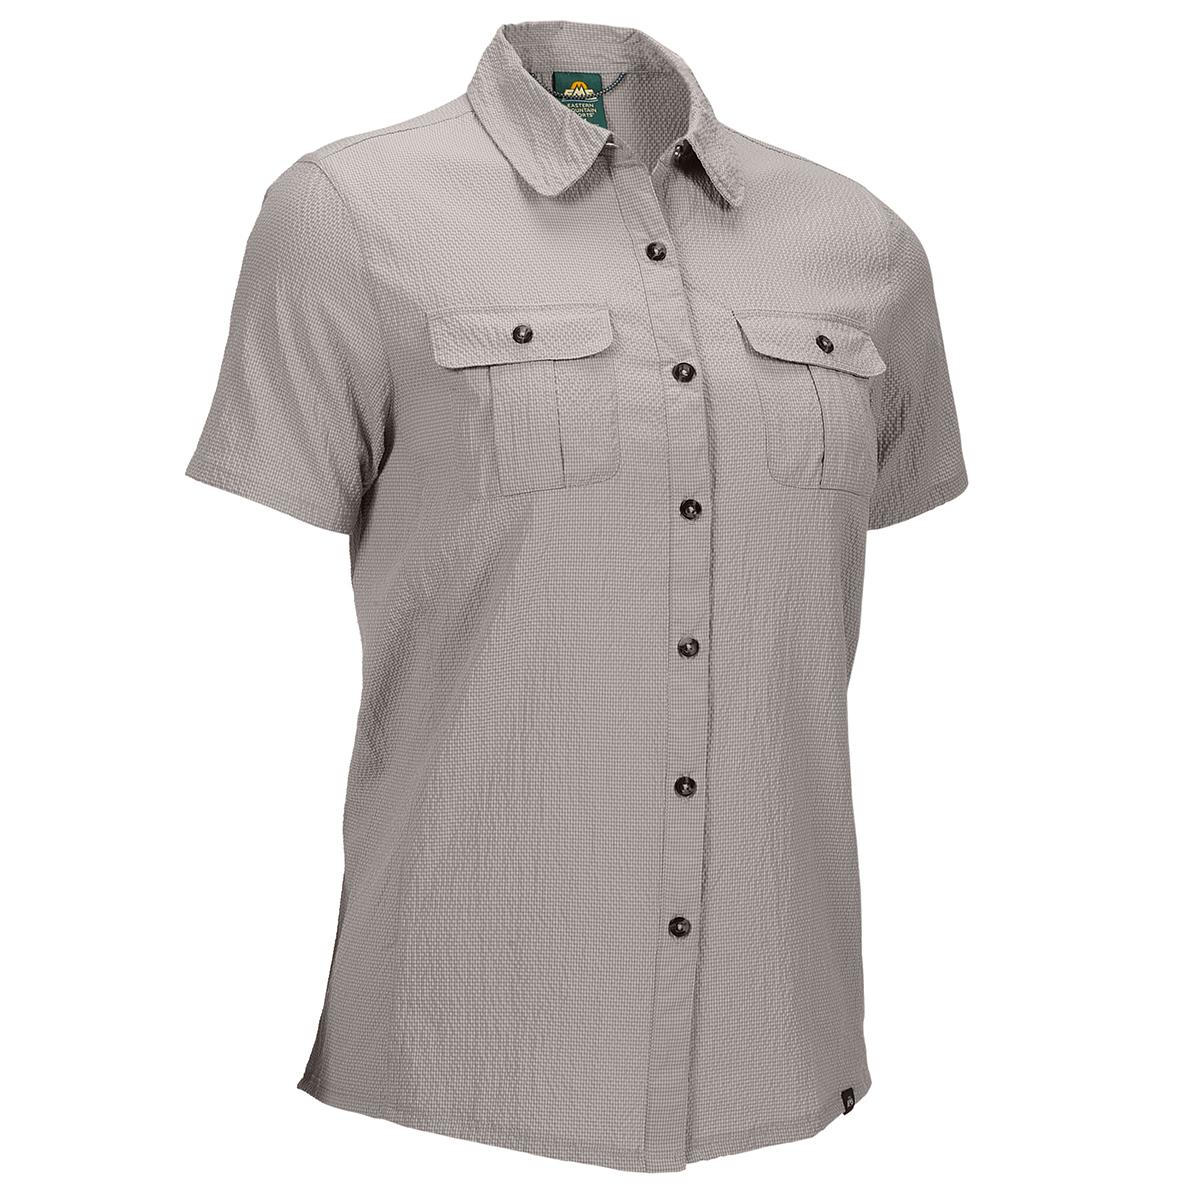 Ems Women's Bonus Miles Short-Sleeve Shirt - Brown, S